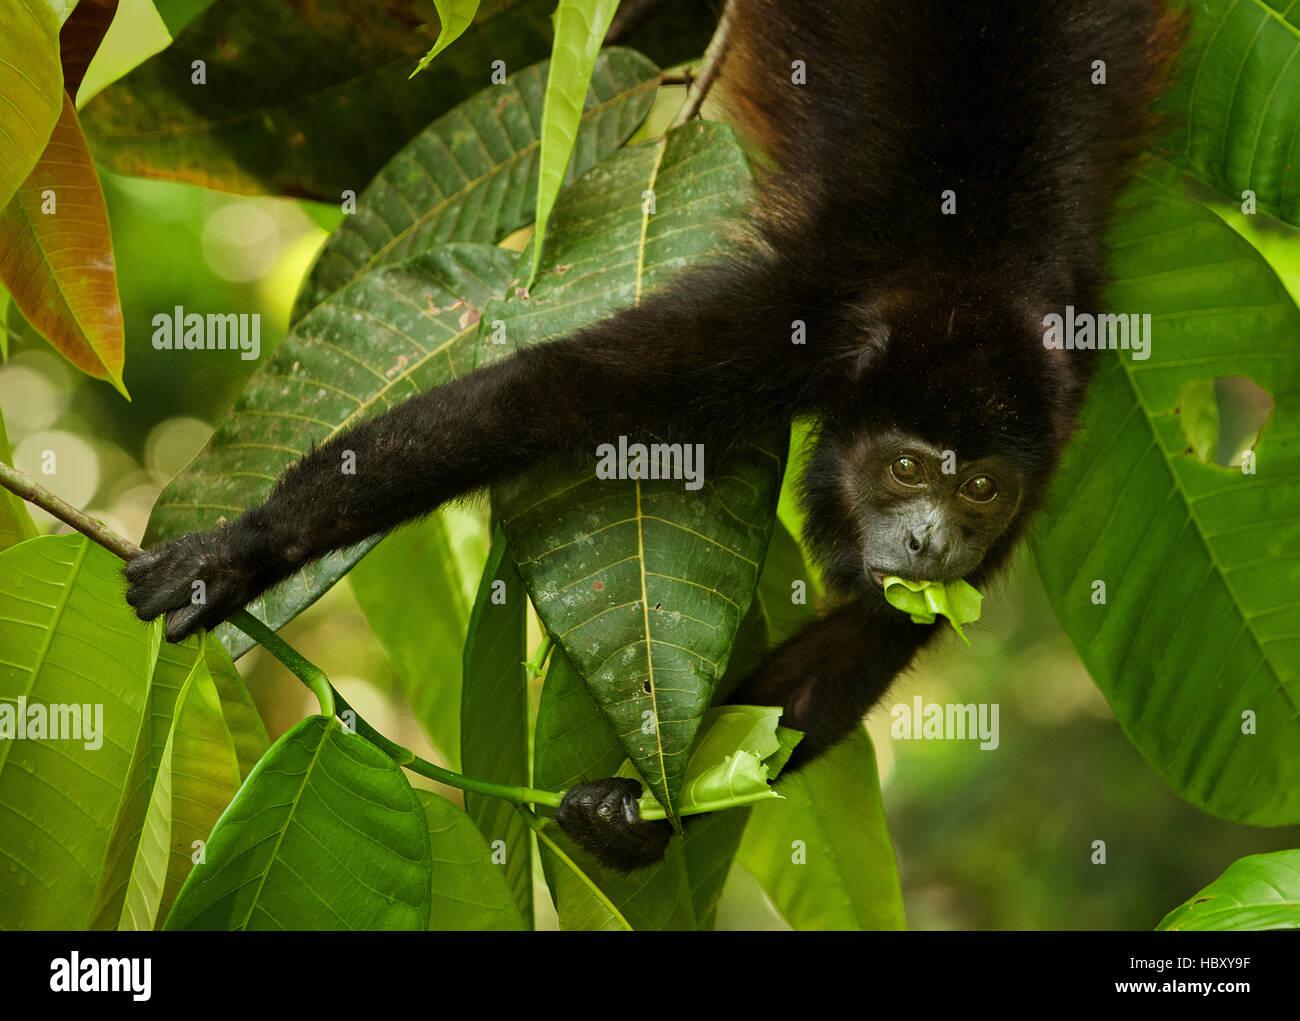 Mantled scimmia urlatrice (Alouatta palliata) mangiando una foglia, Costa Rica Immagini Stock